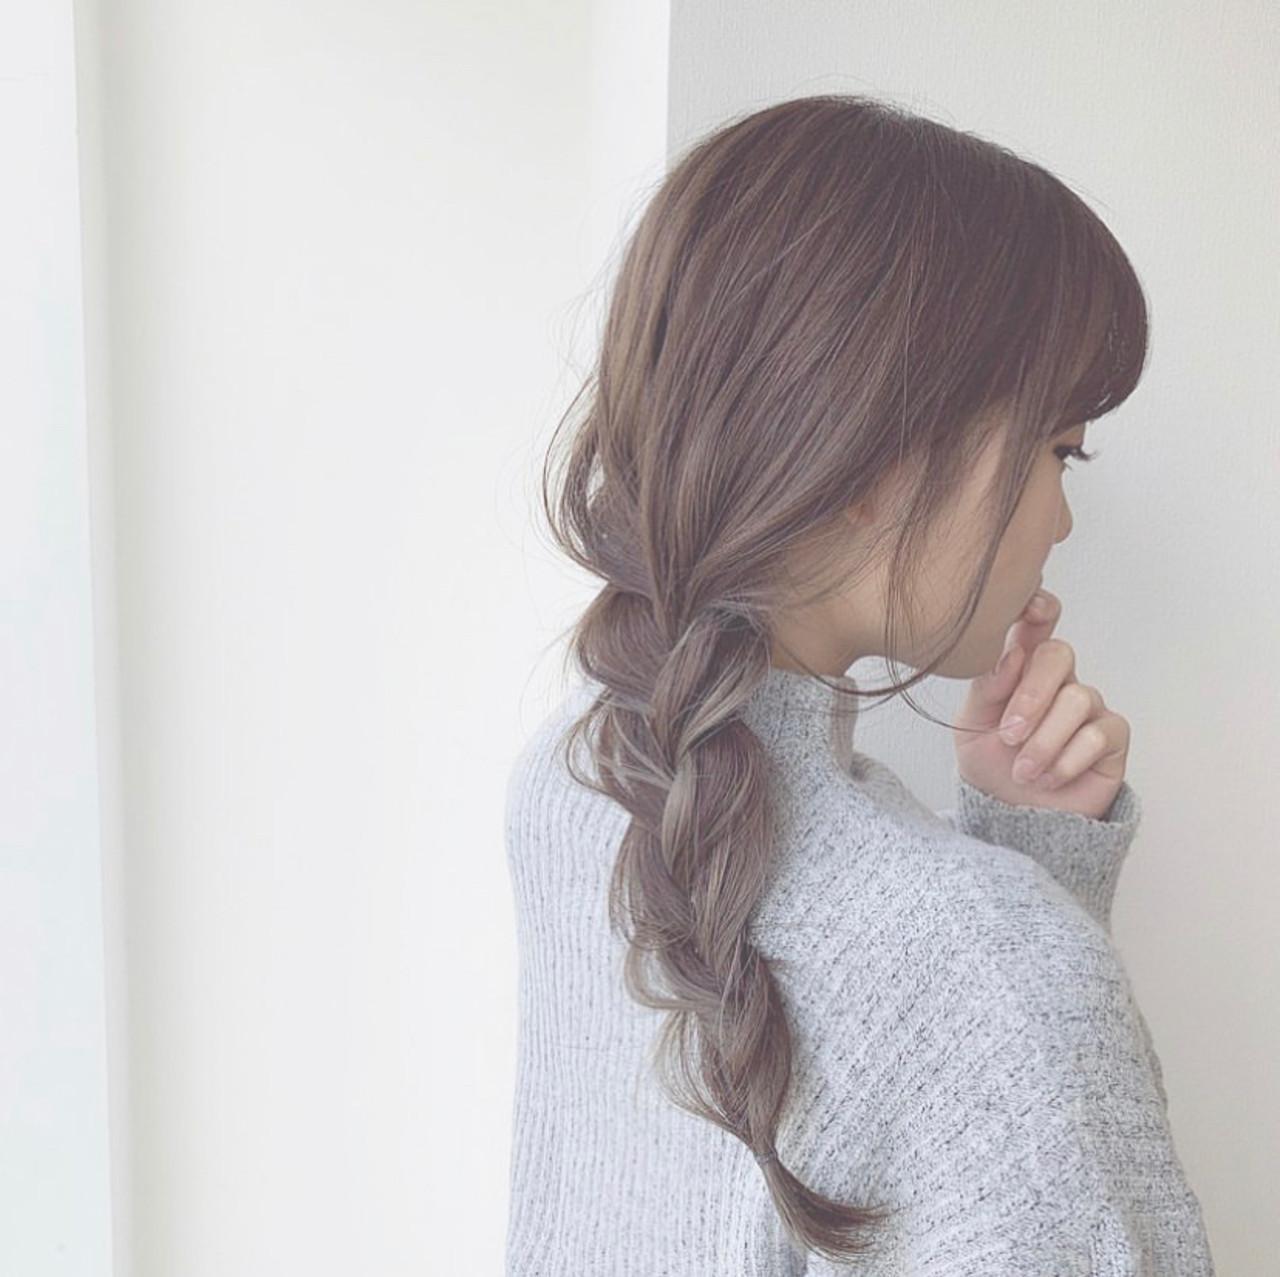 編み込みヘア 簡単ヘアアレンジ セミロング ポニーテールアレンジ ヘアスタイルや髪型の写真・画像